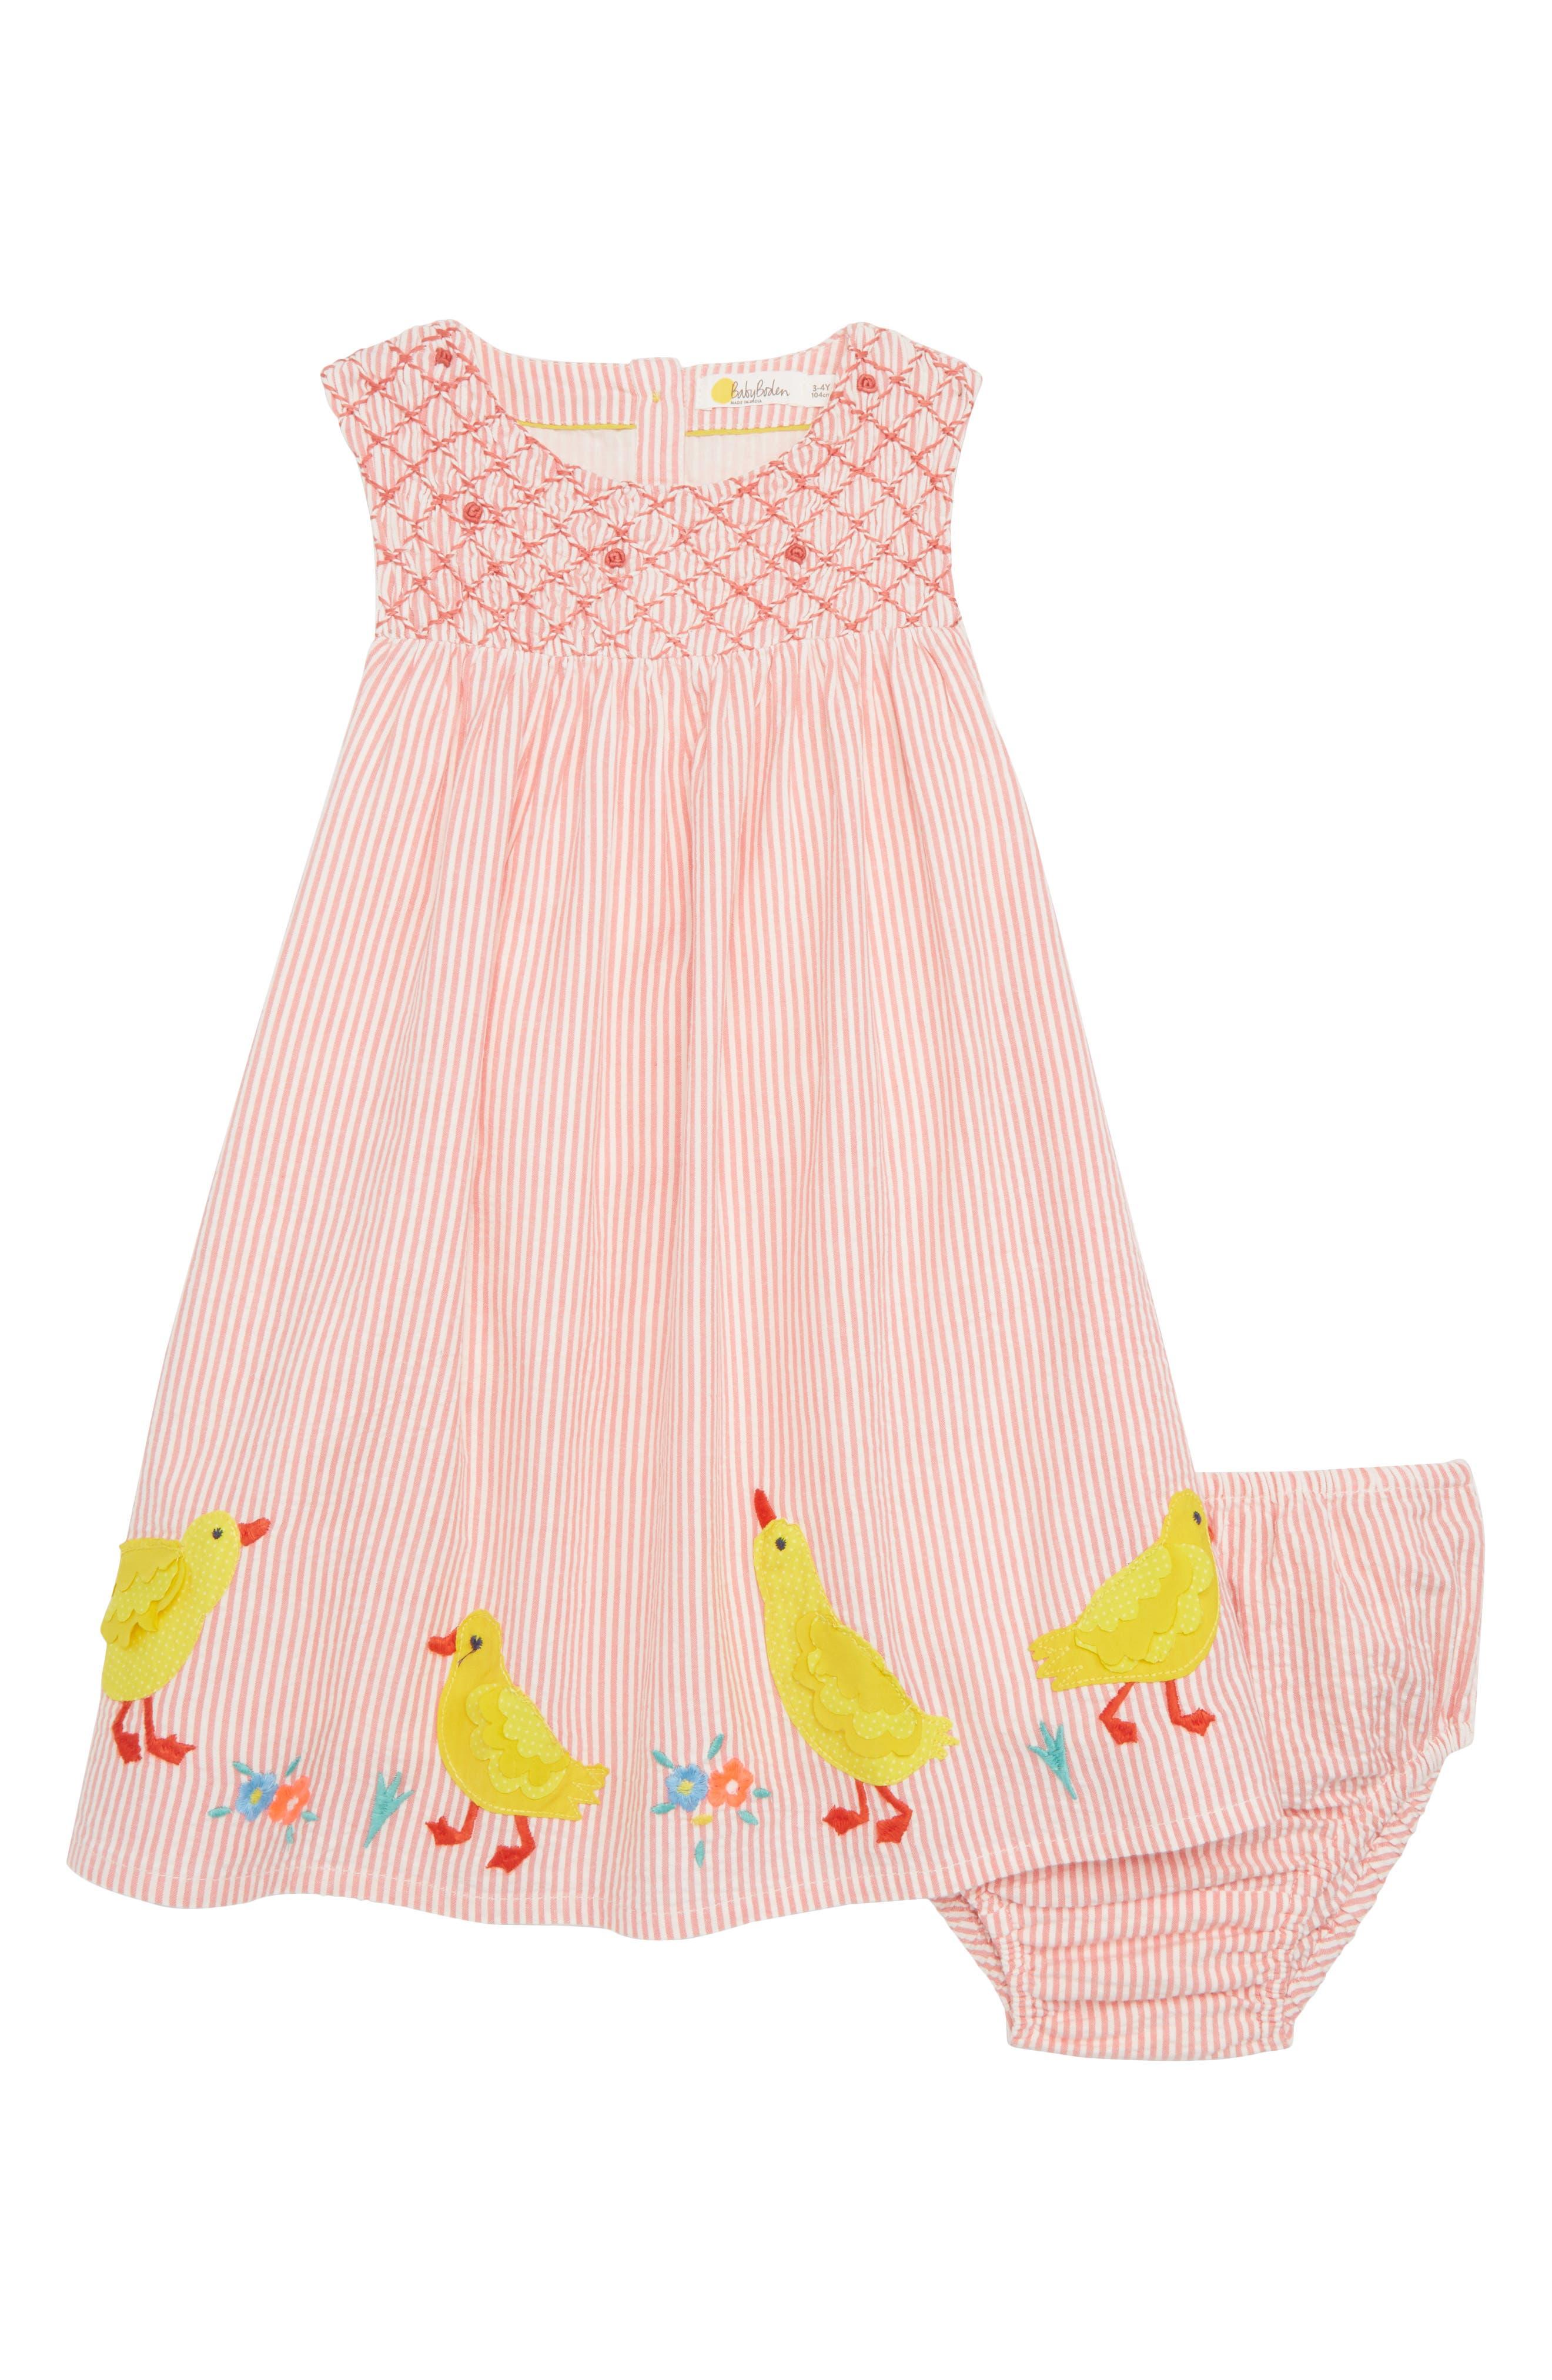 Mini Boden Smocked Chick Appliqué Dress (Baby Girls & Toddler Girls)